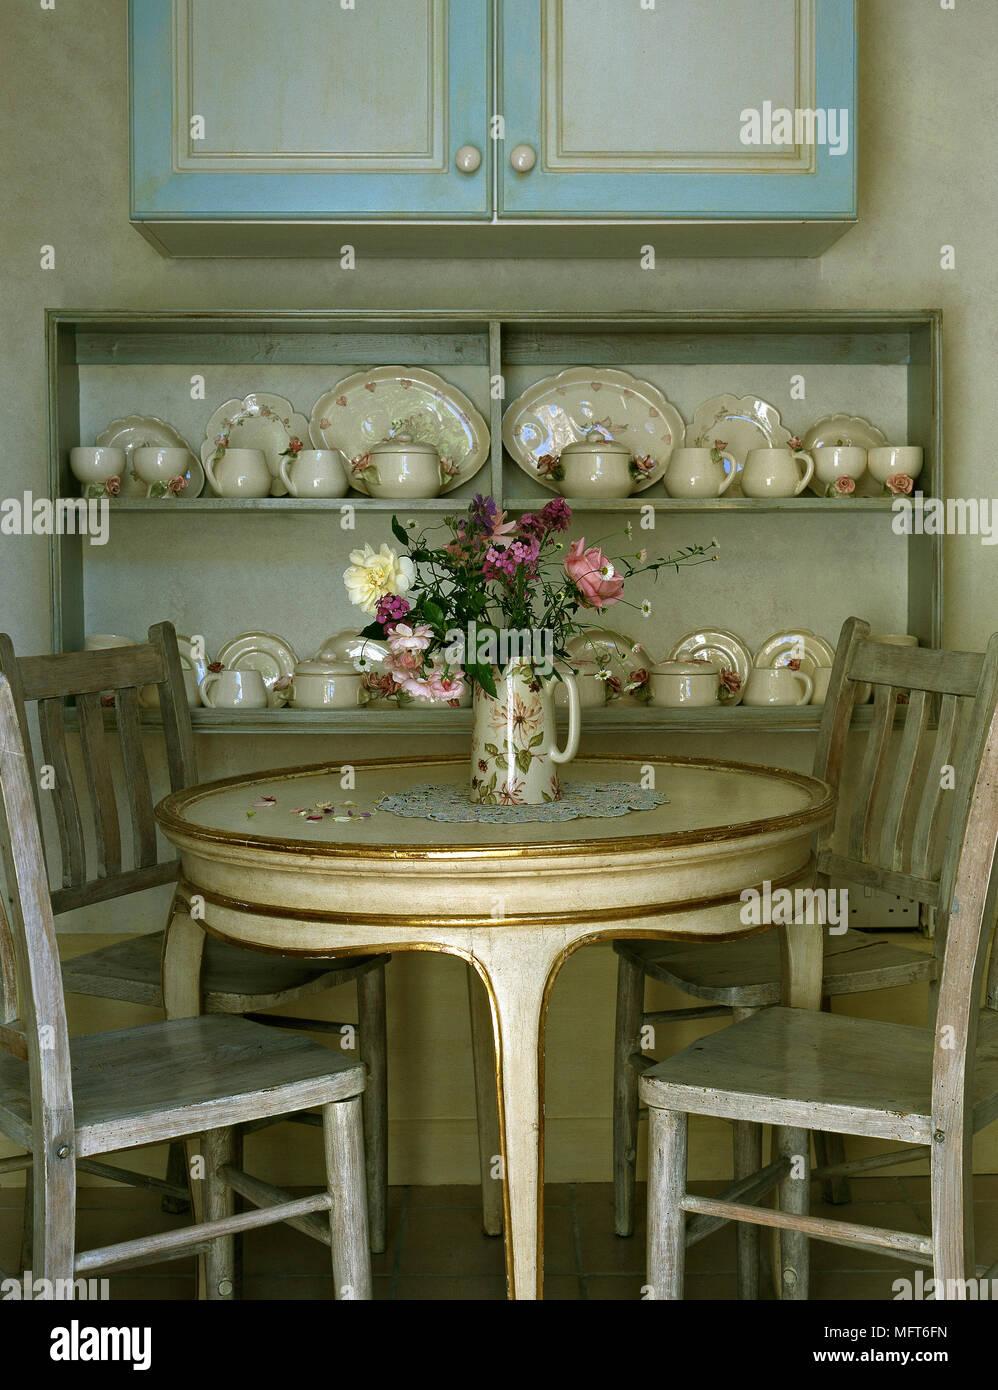 Incroyable Salle à Manger Traditionnelle Avec Table Ronde En Bois Doré, En Détresse,  Des Chaises Et Une Chine Collection Affichée Sur Des Rayonnages Ouverts.